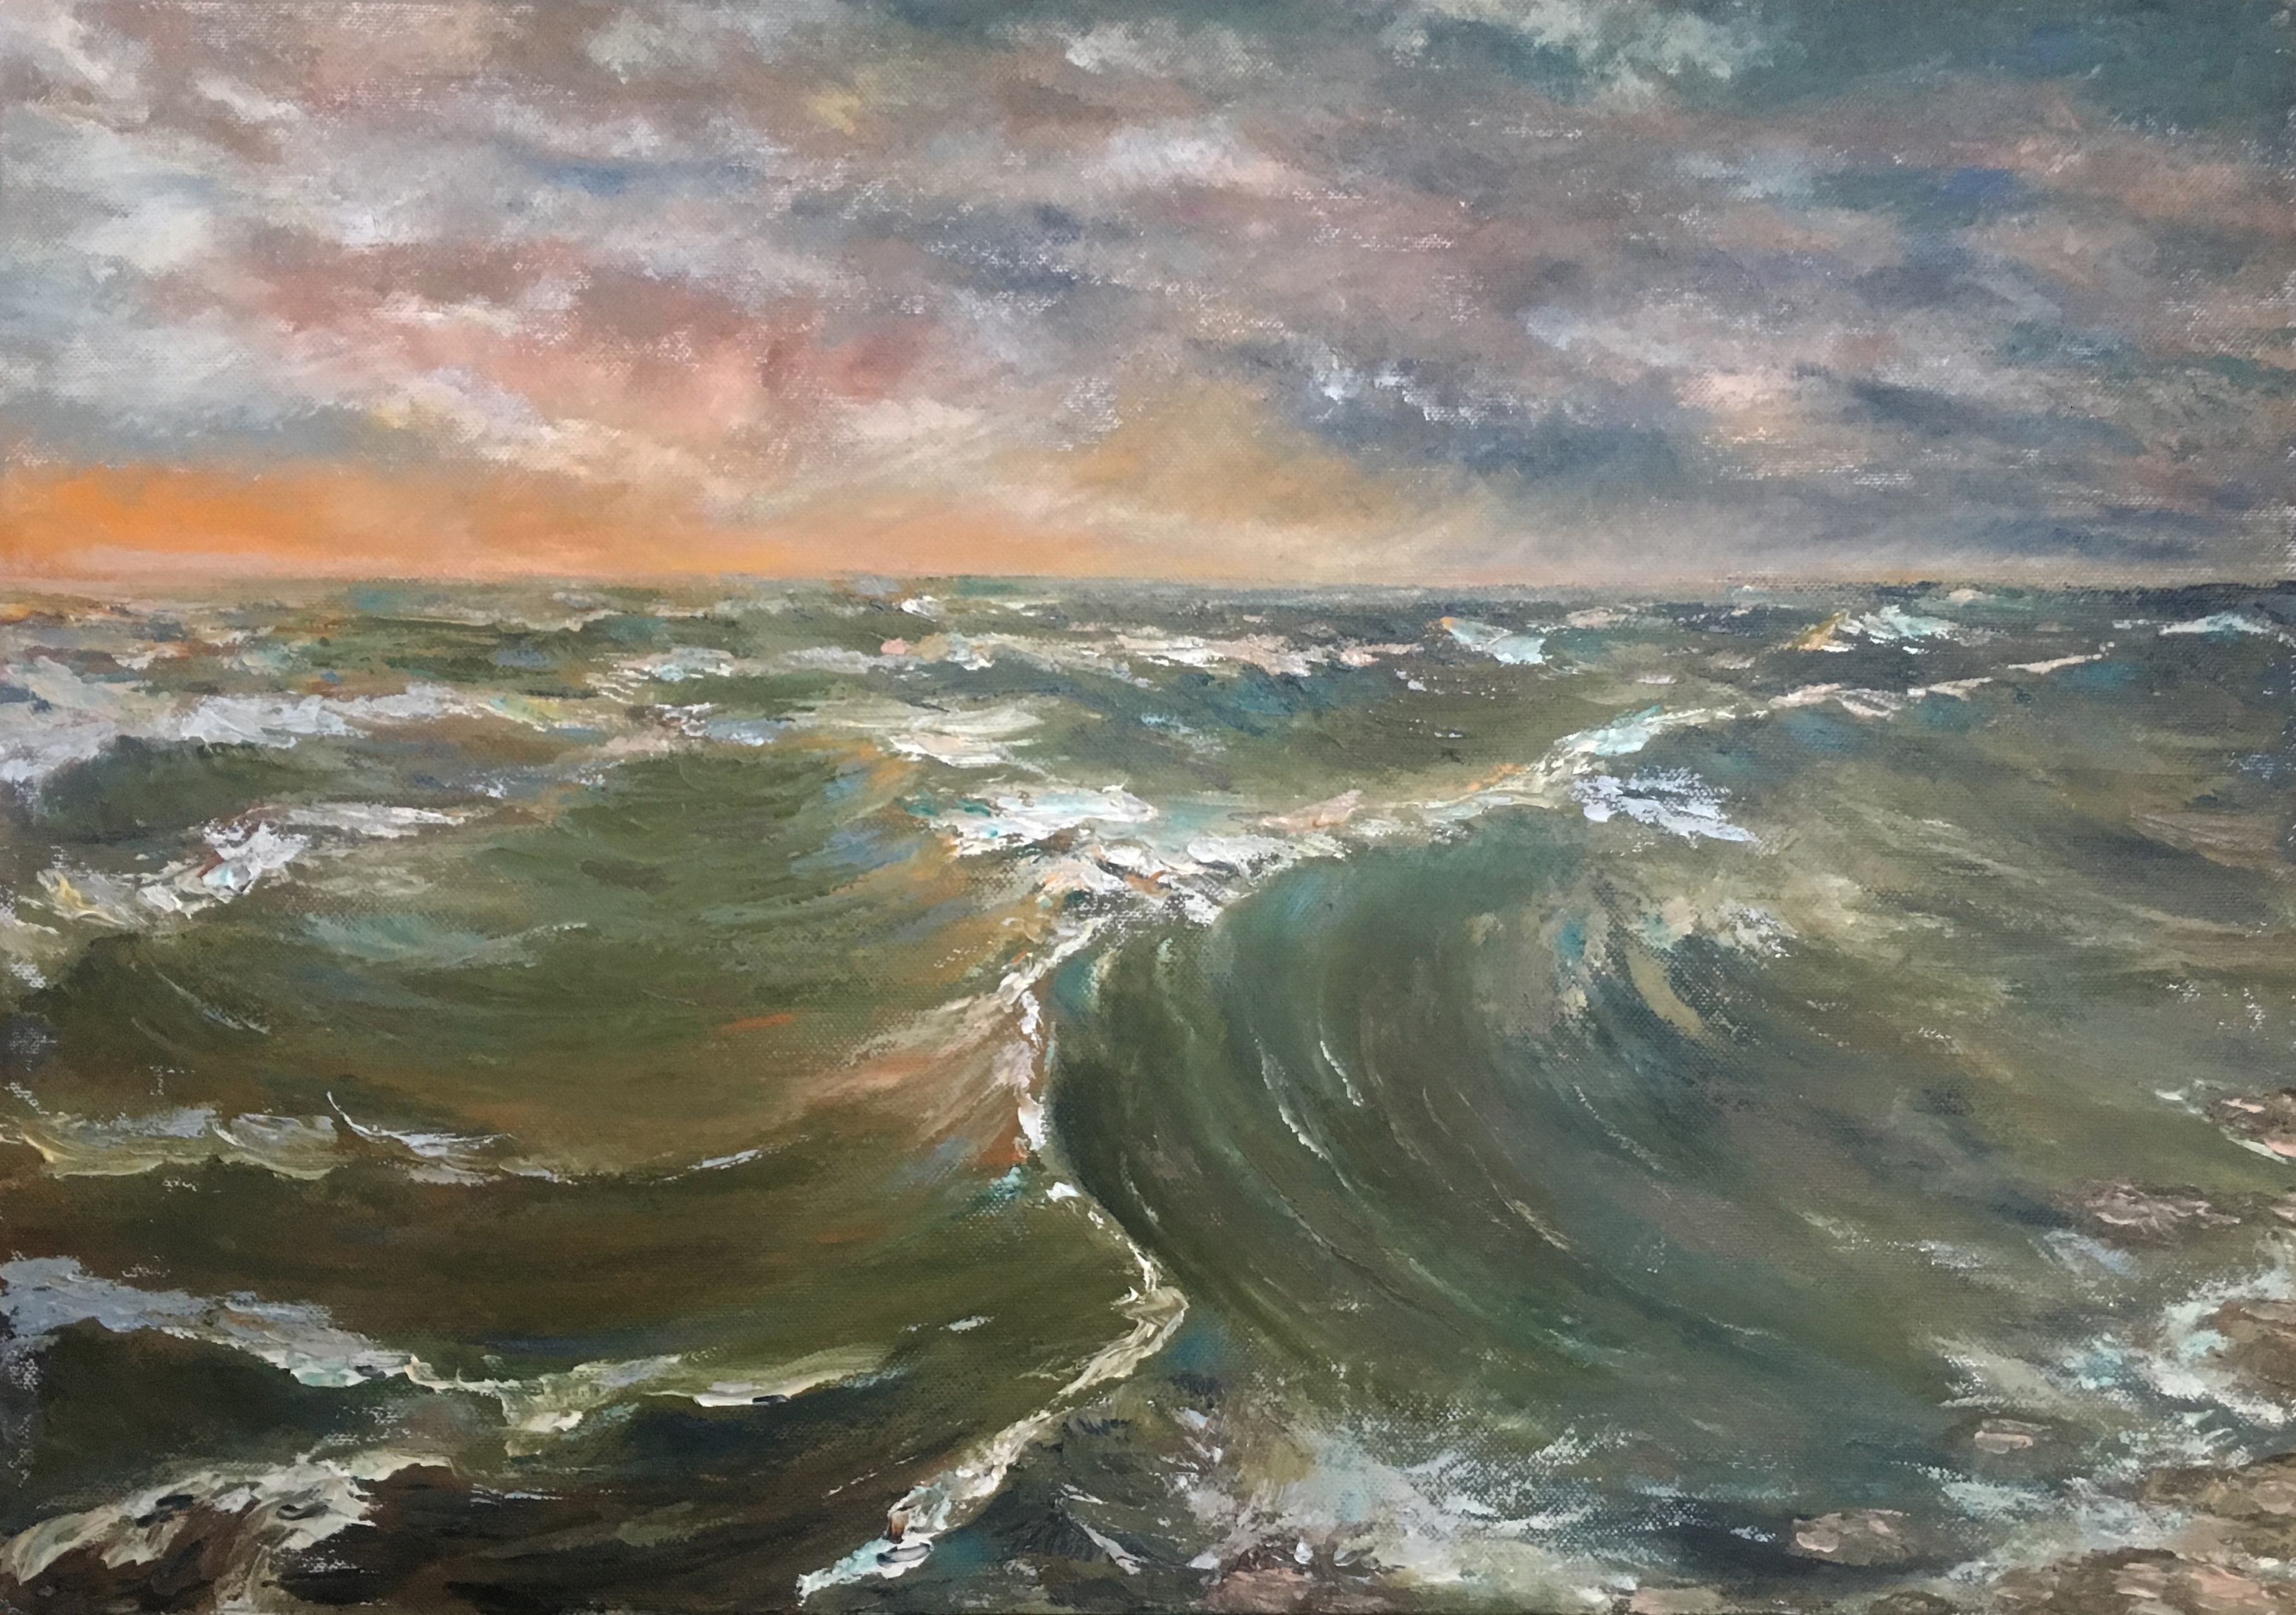 морской пейзаж картина волна Латвия Юрмала художник Альберт Сафиуллин